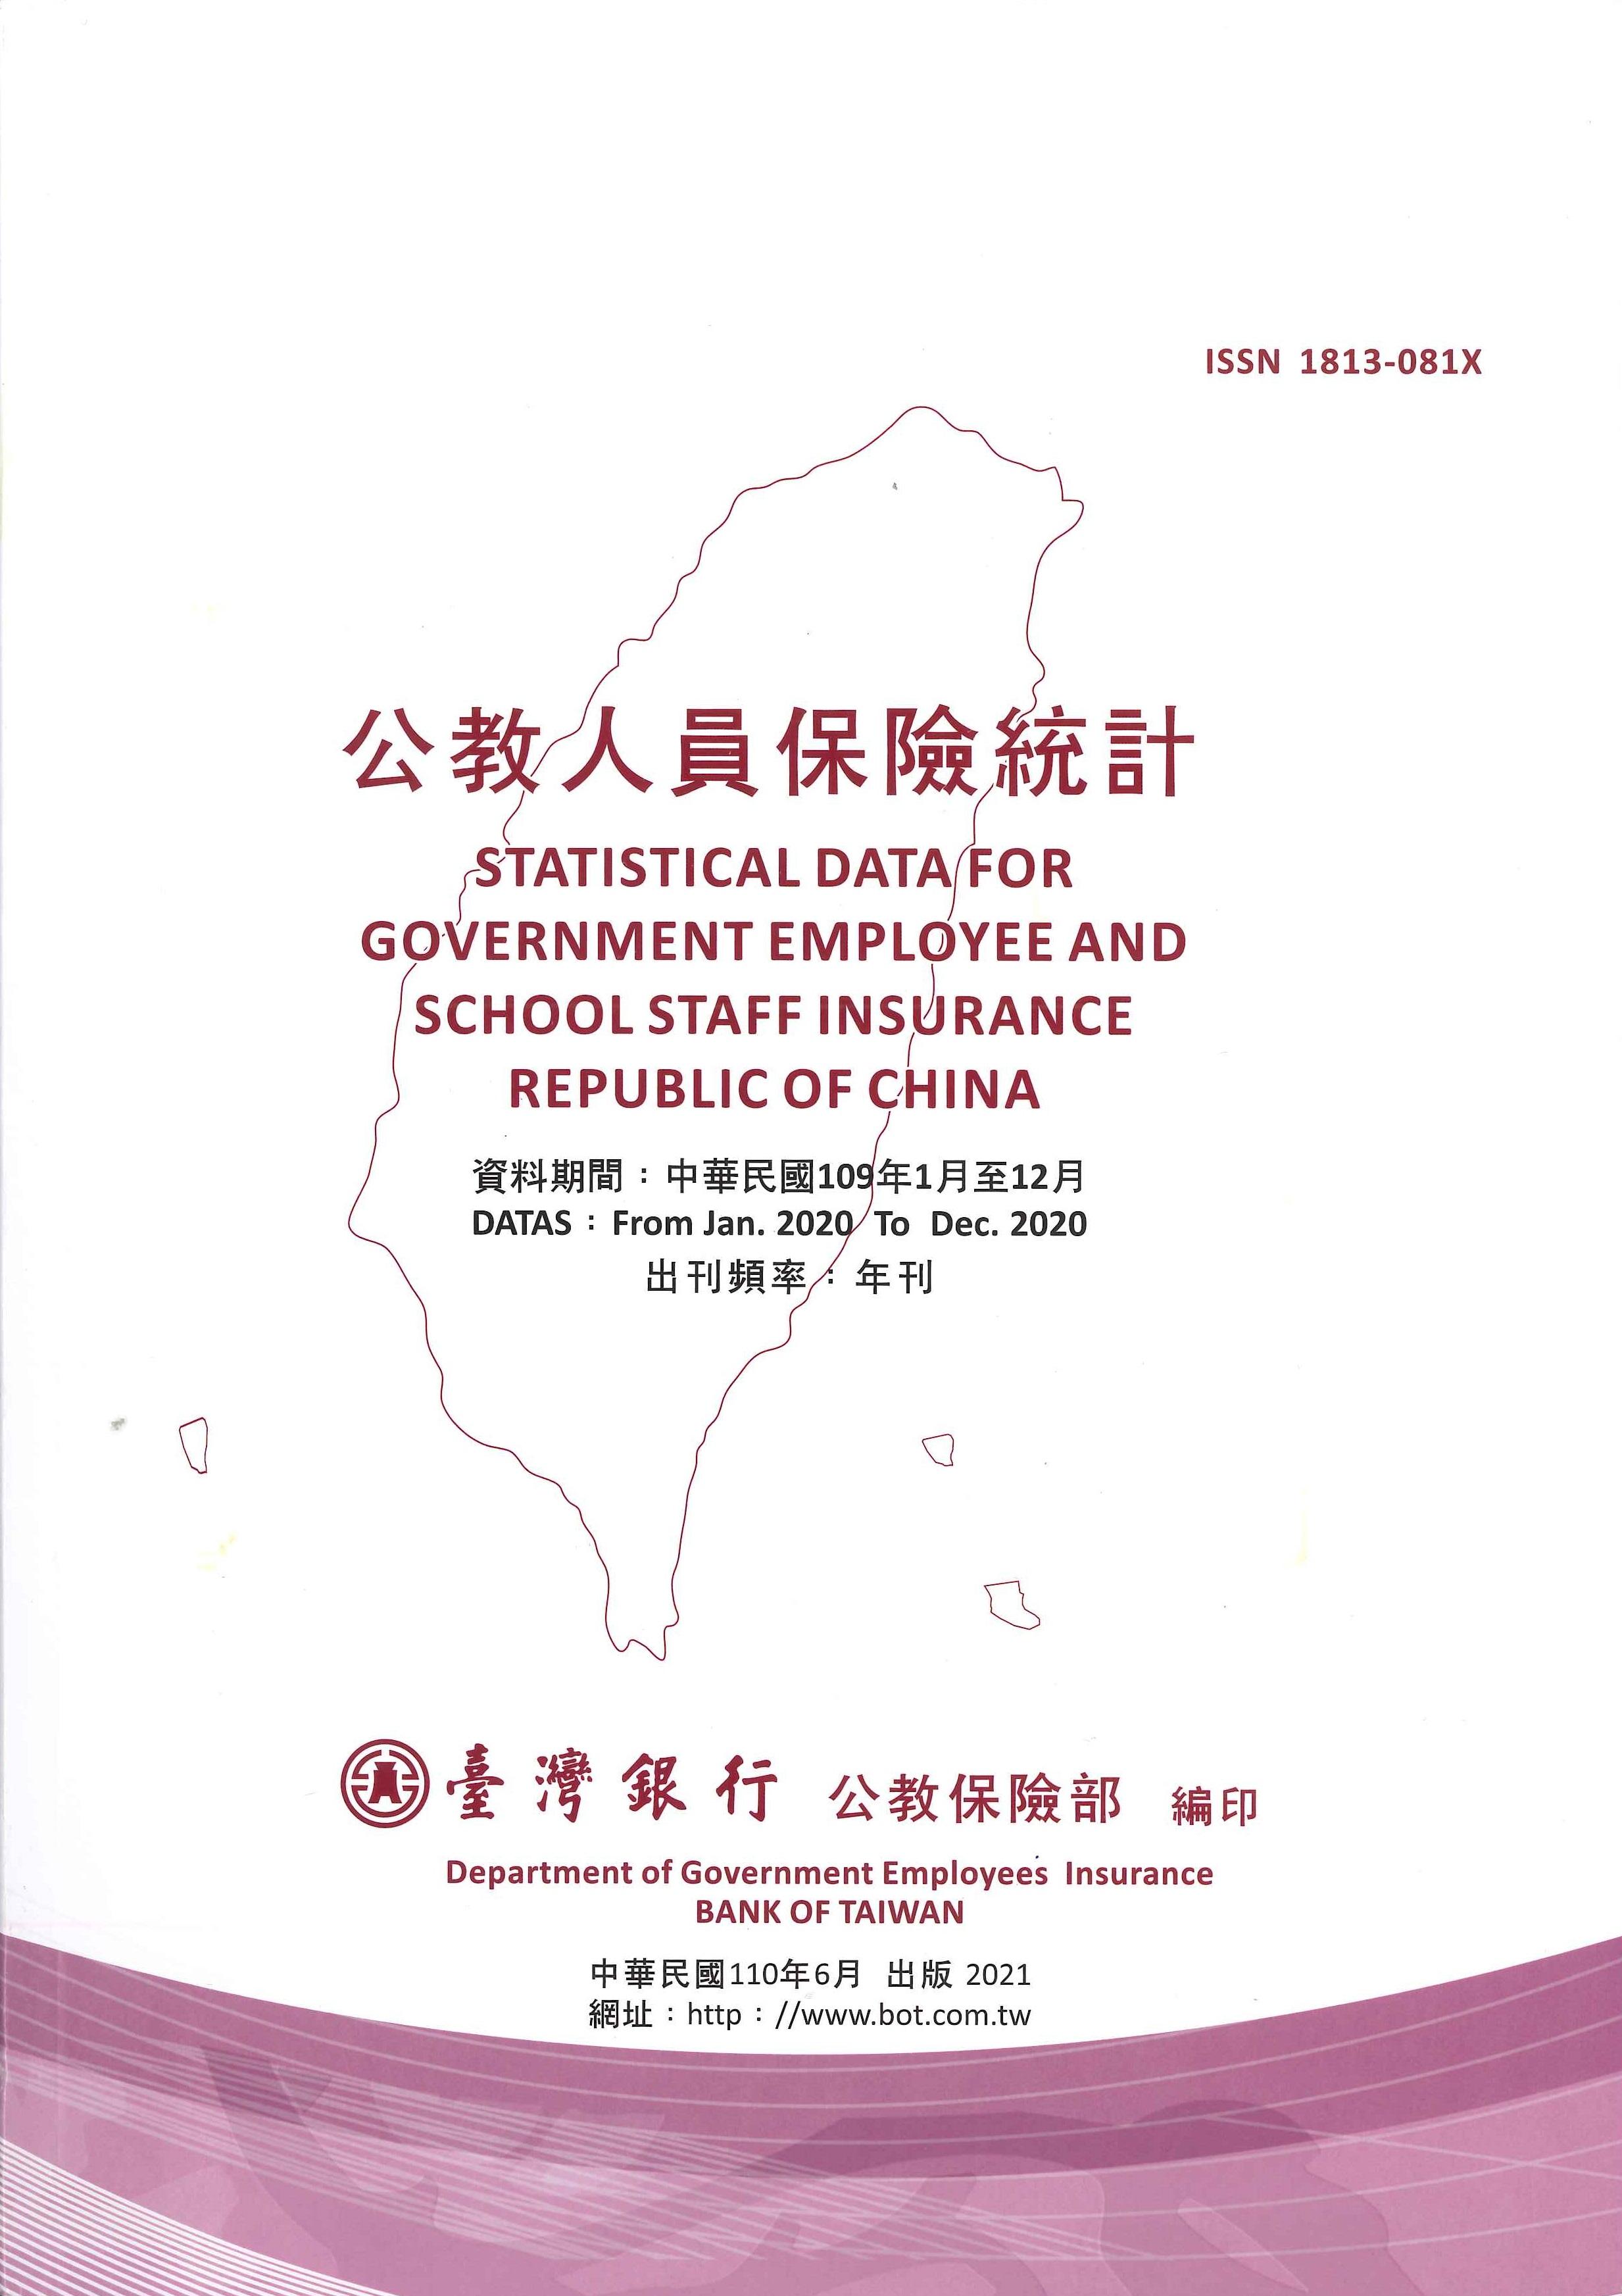 公教人員保險統計=Statistical data for government employee and school staff insurance, Republic of China